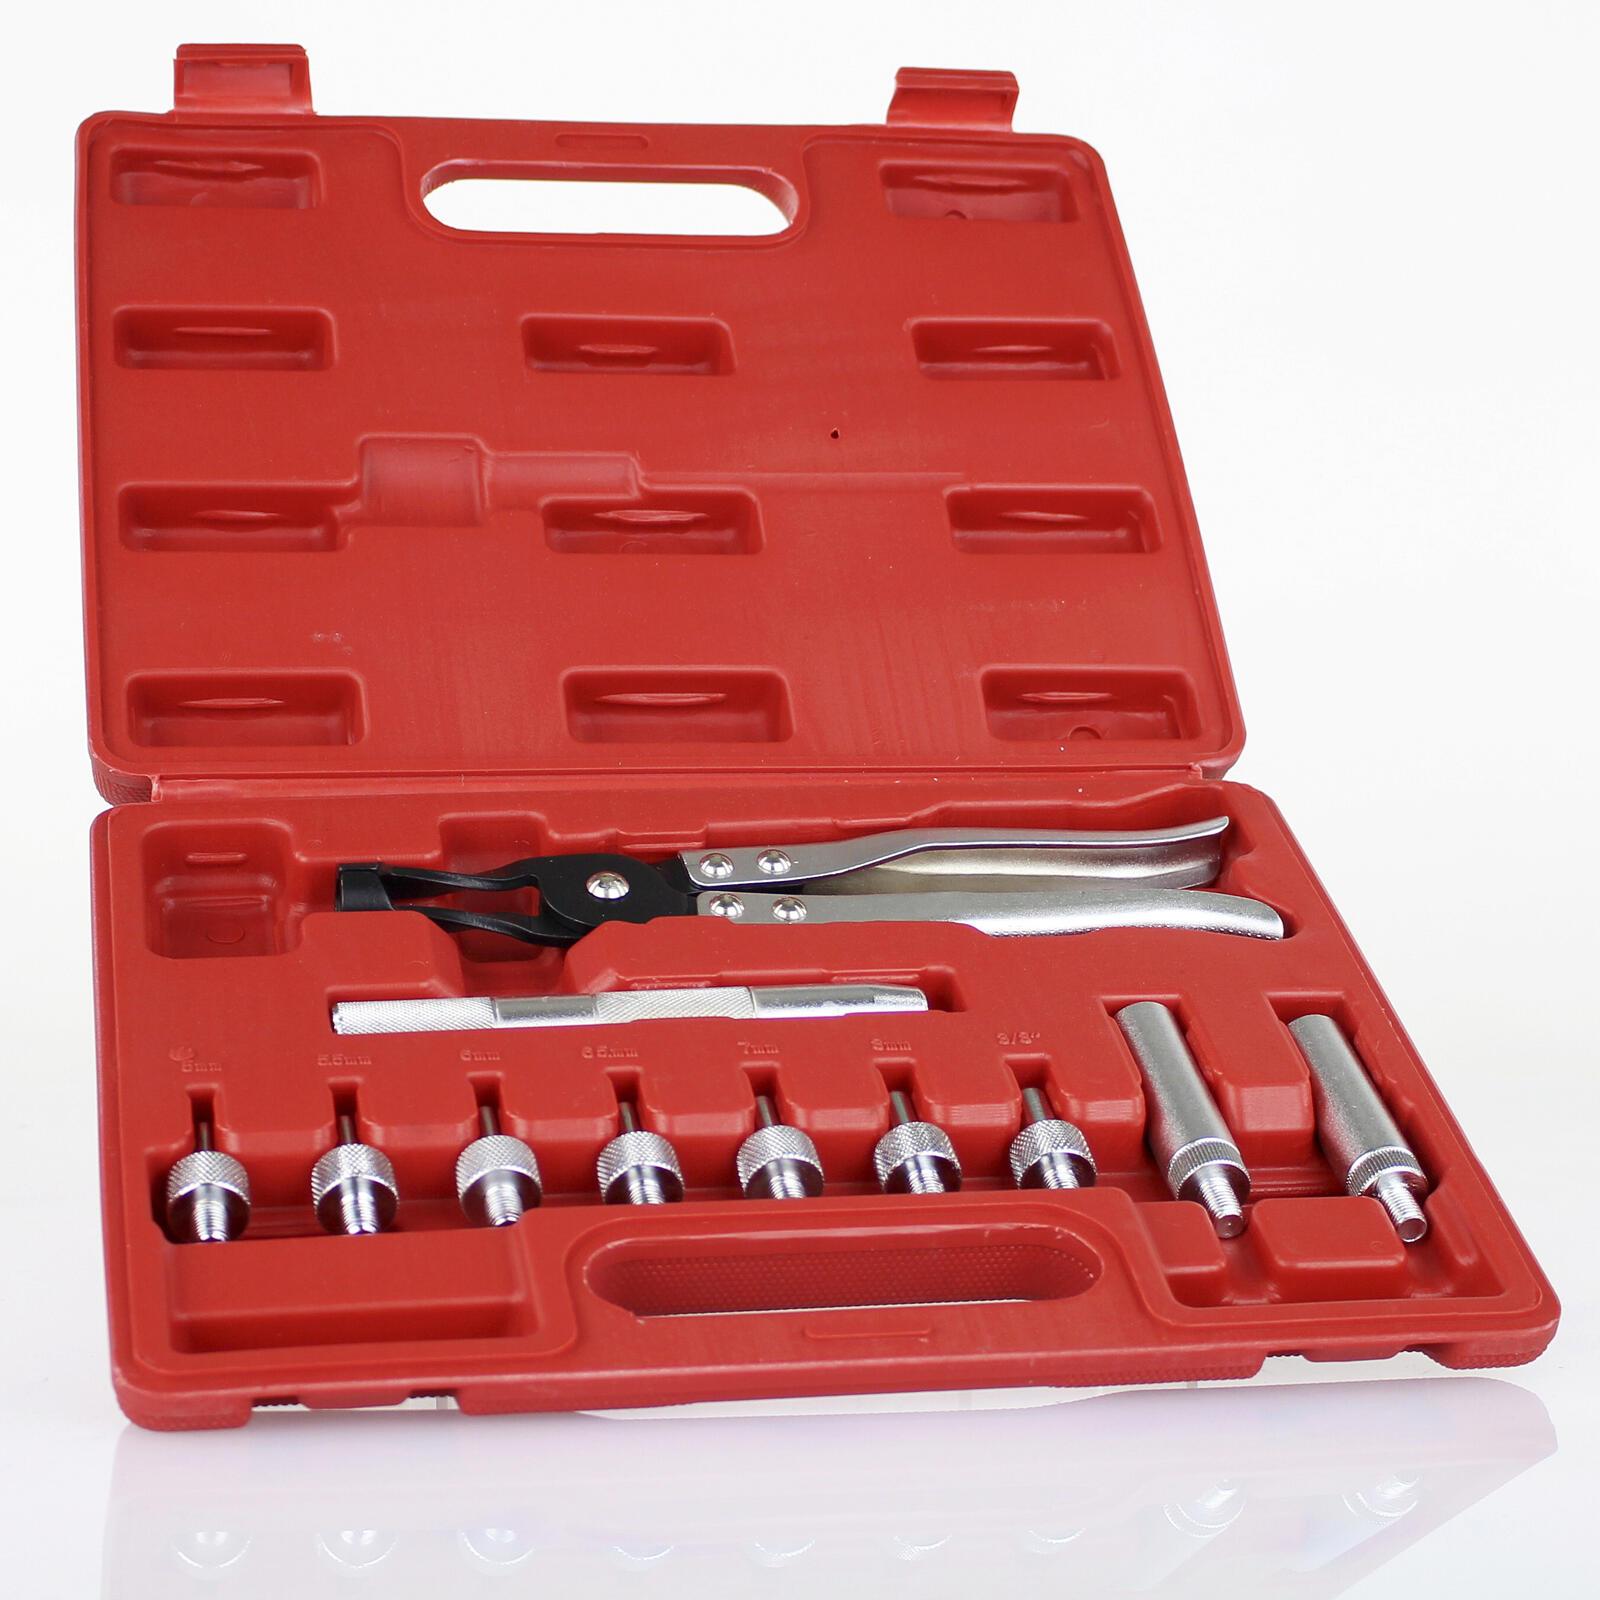 11tlg De-/Montage Werkzeug Ventilschaftdichtung Montage Werkzeug Satz